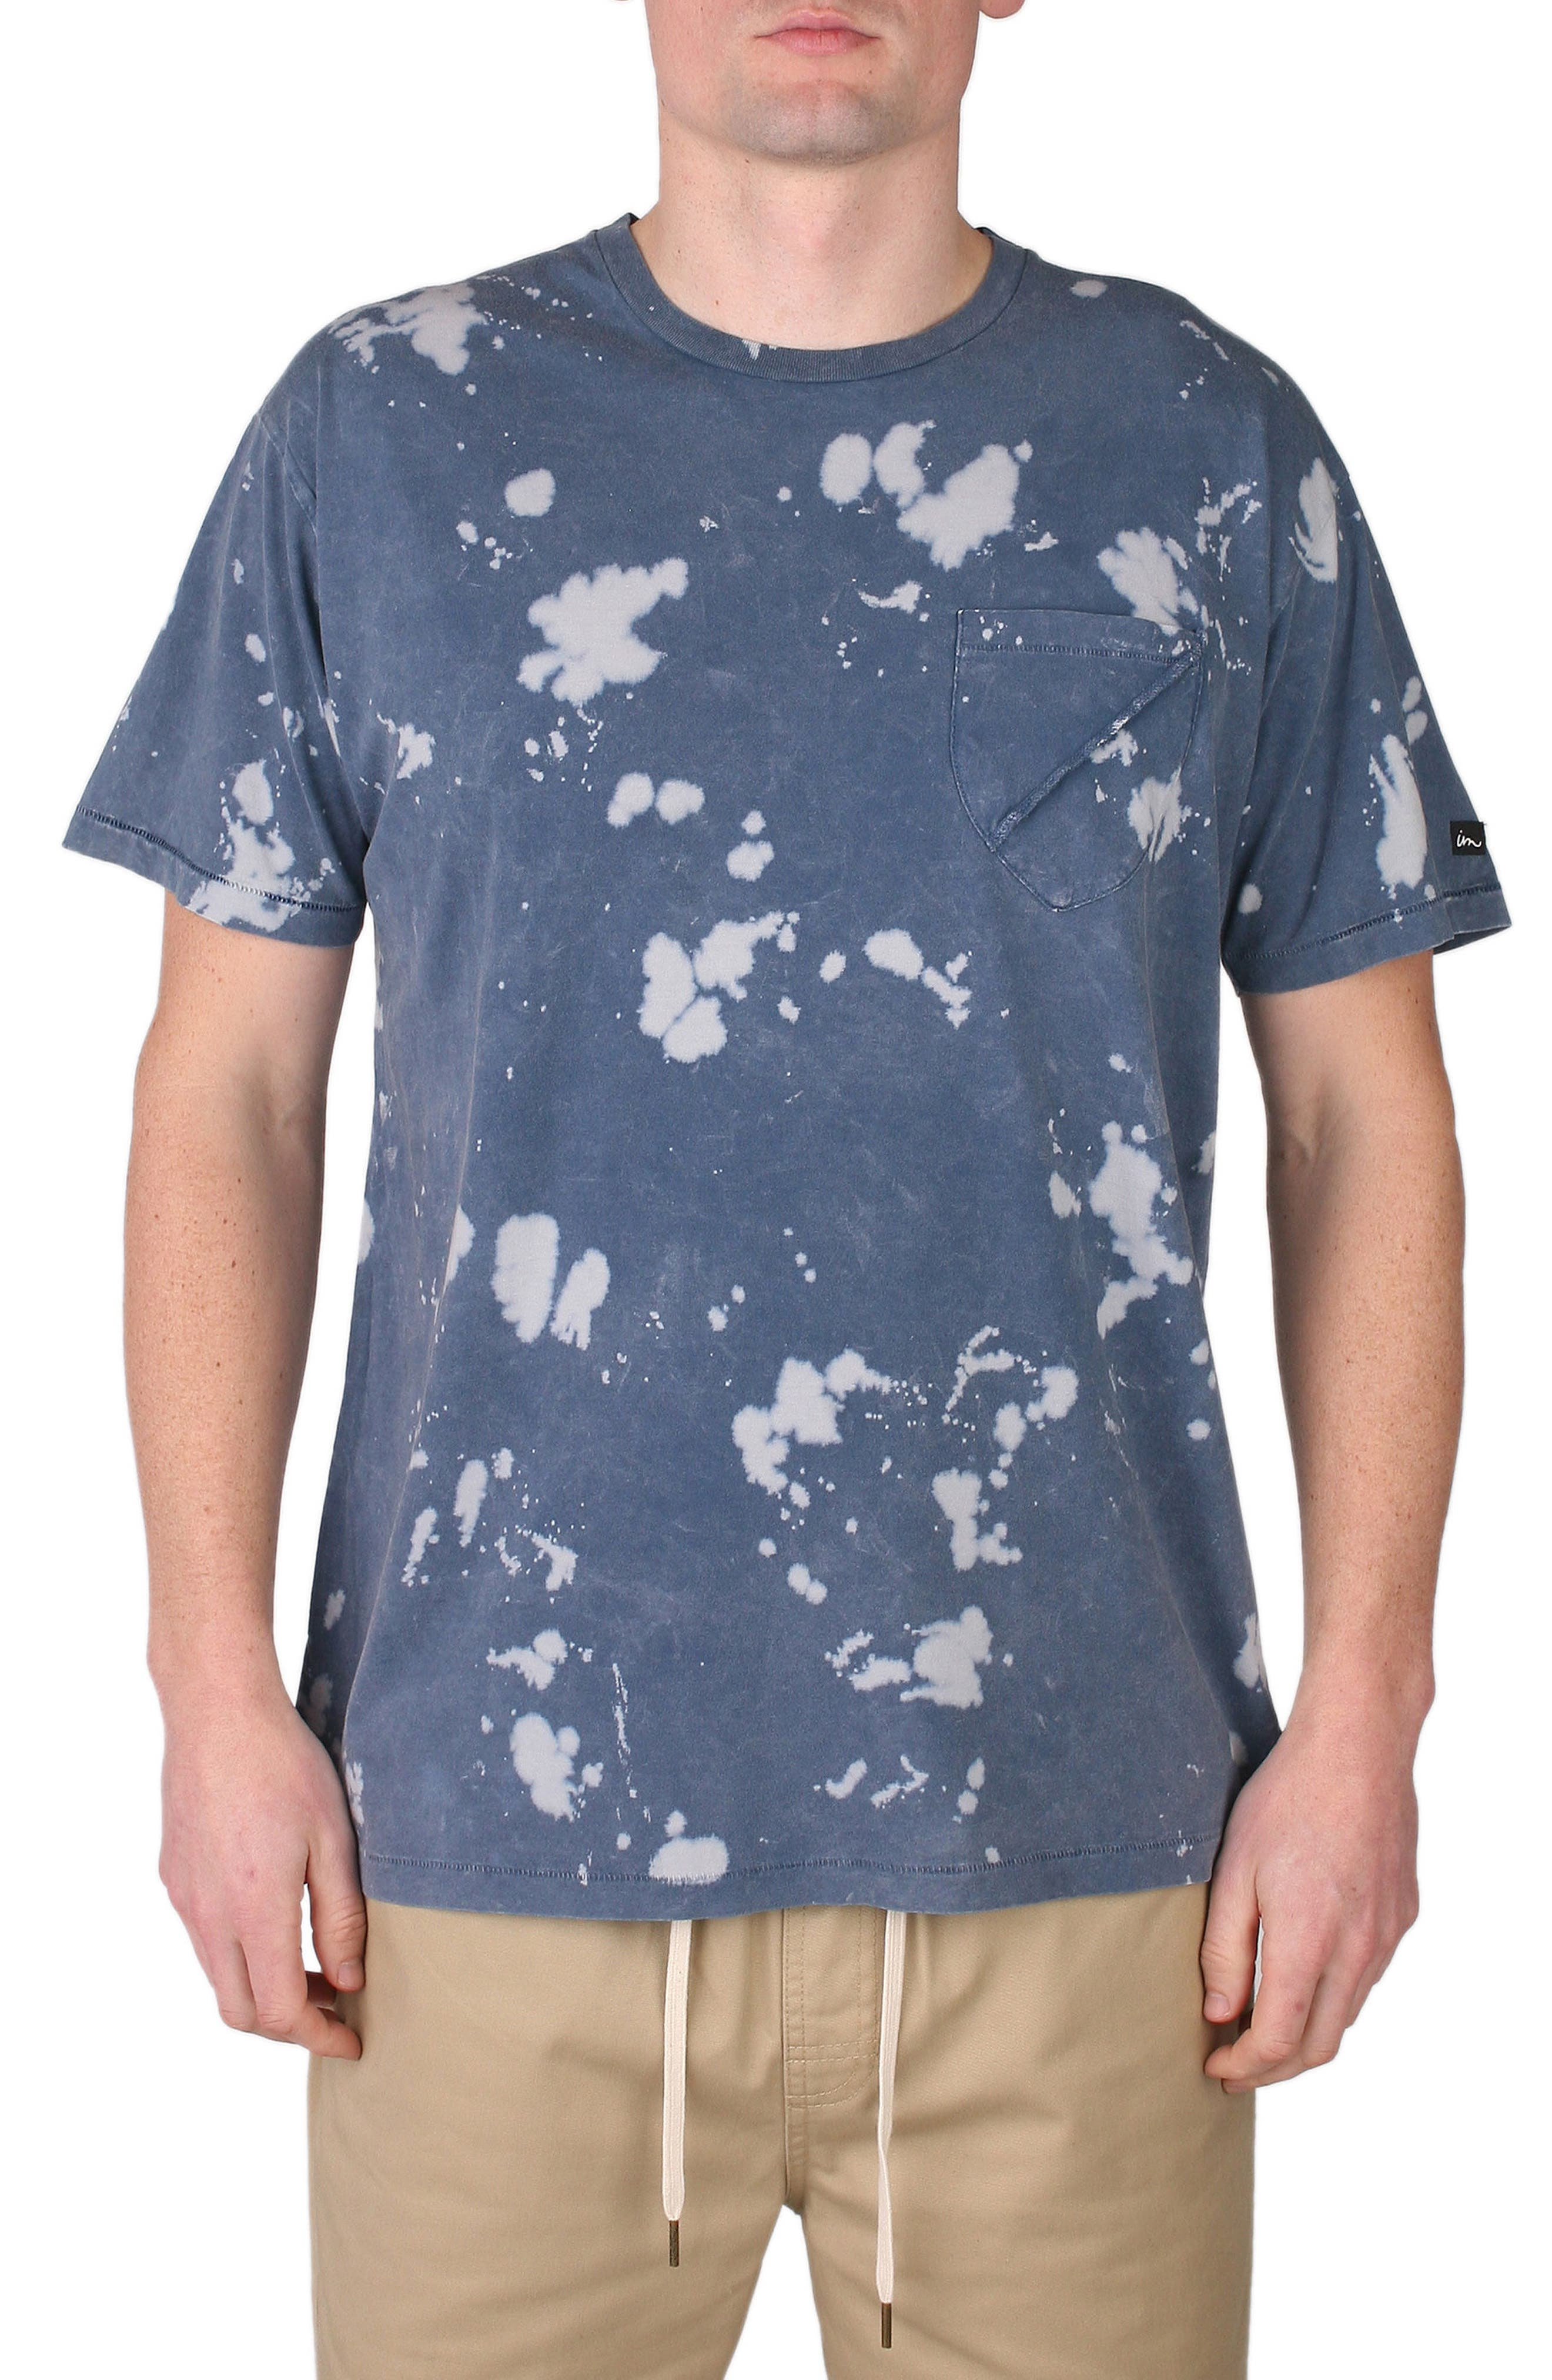 IMPERIAL MOTION Acid Washed Pocket T-Shirt